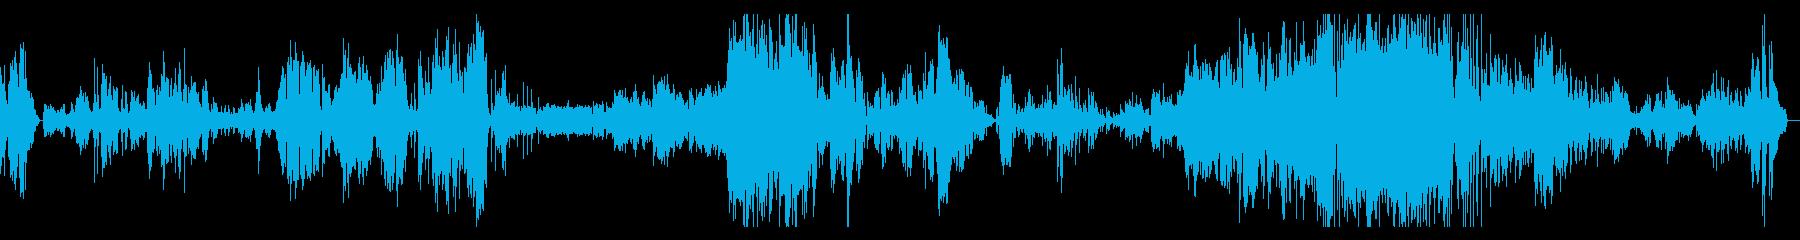 舟歌 ショパンの再生済みの波形